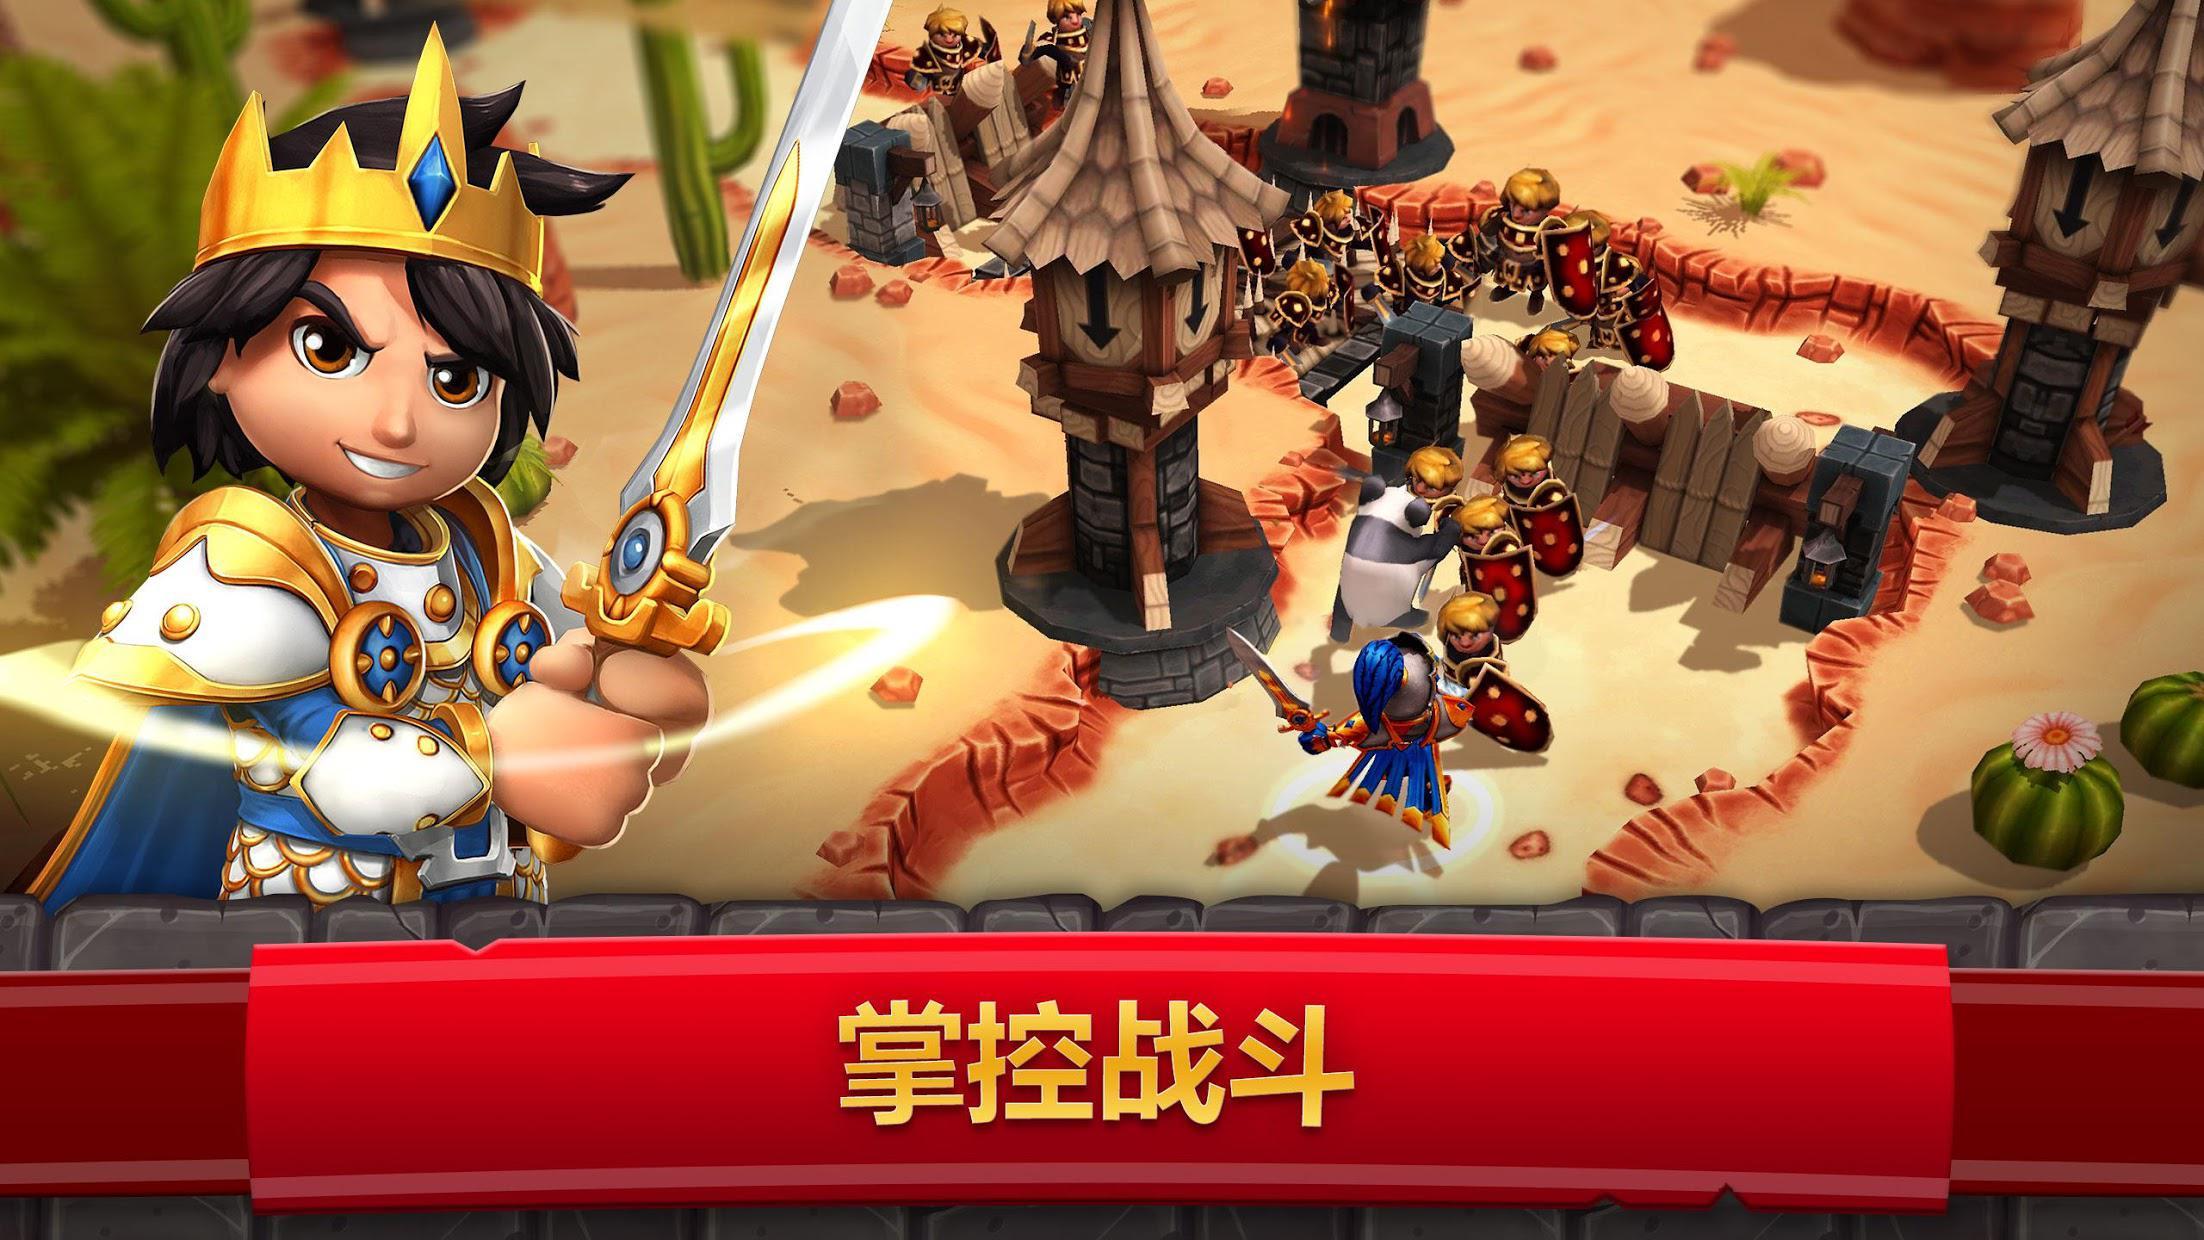 皇家起义 2 游戏截图1